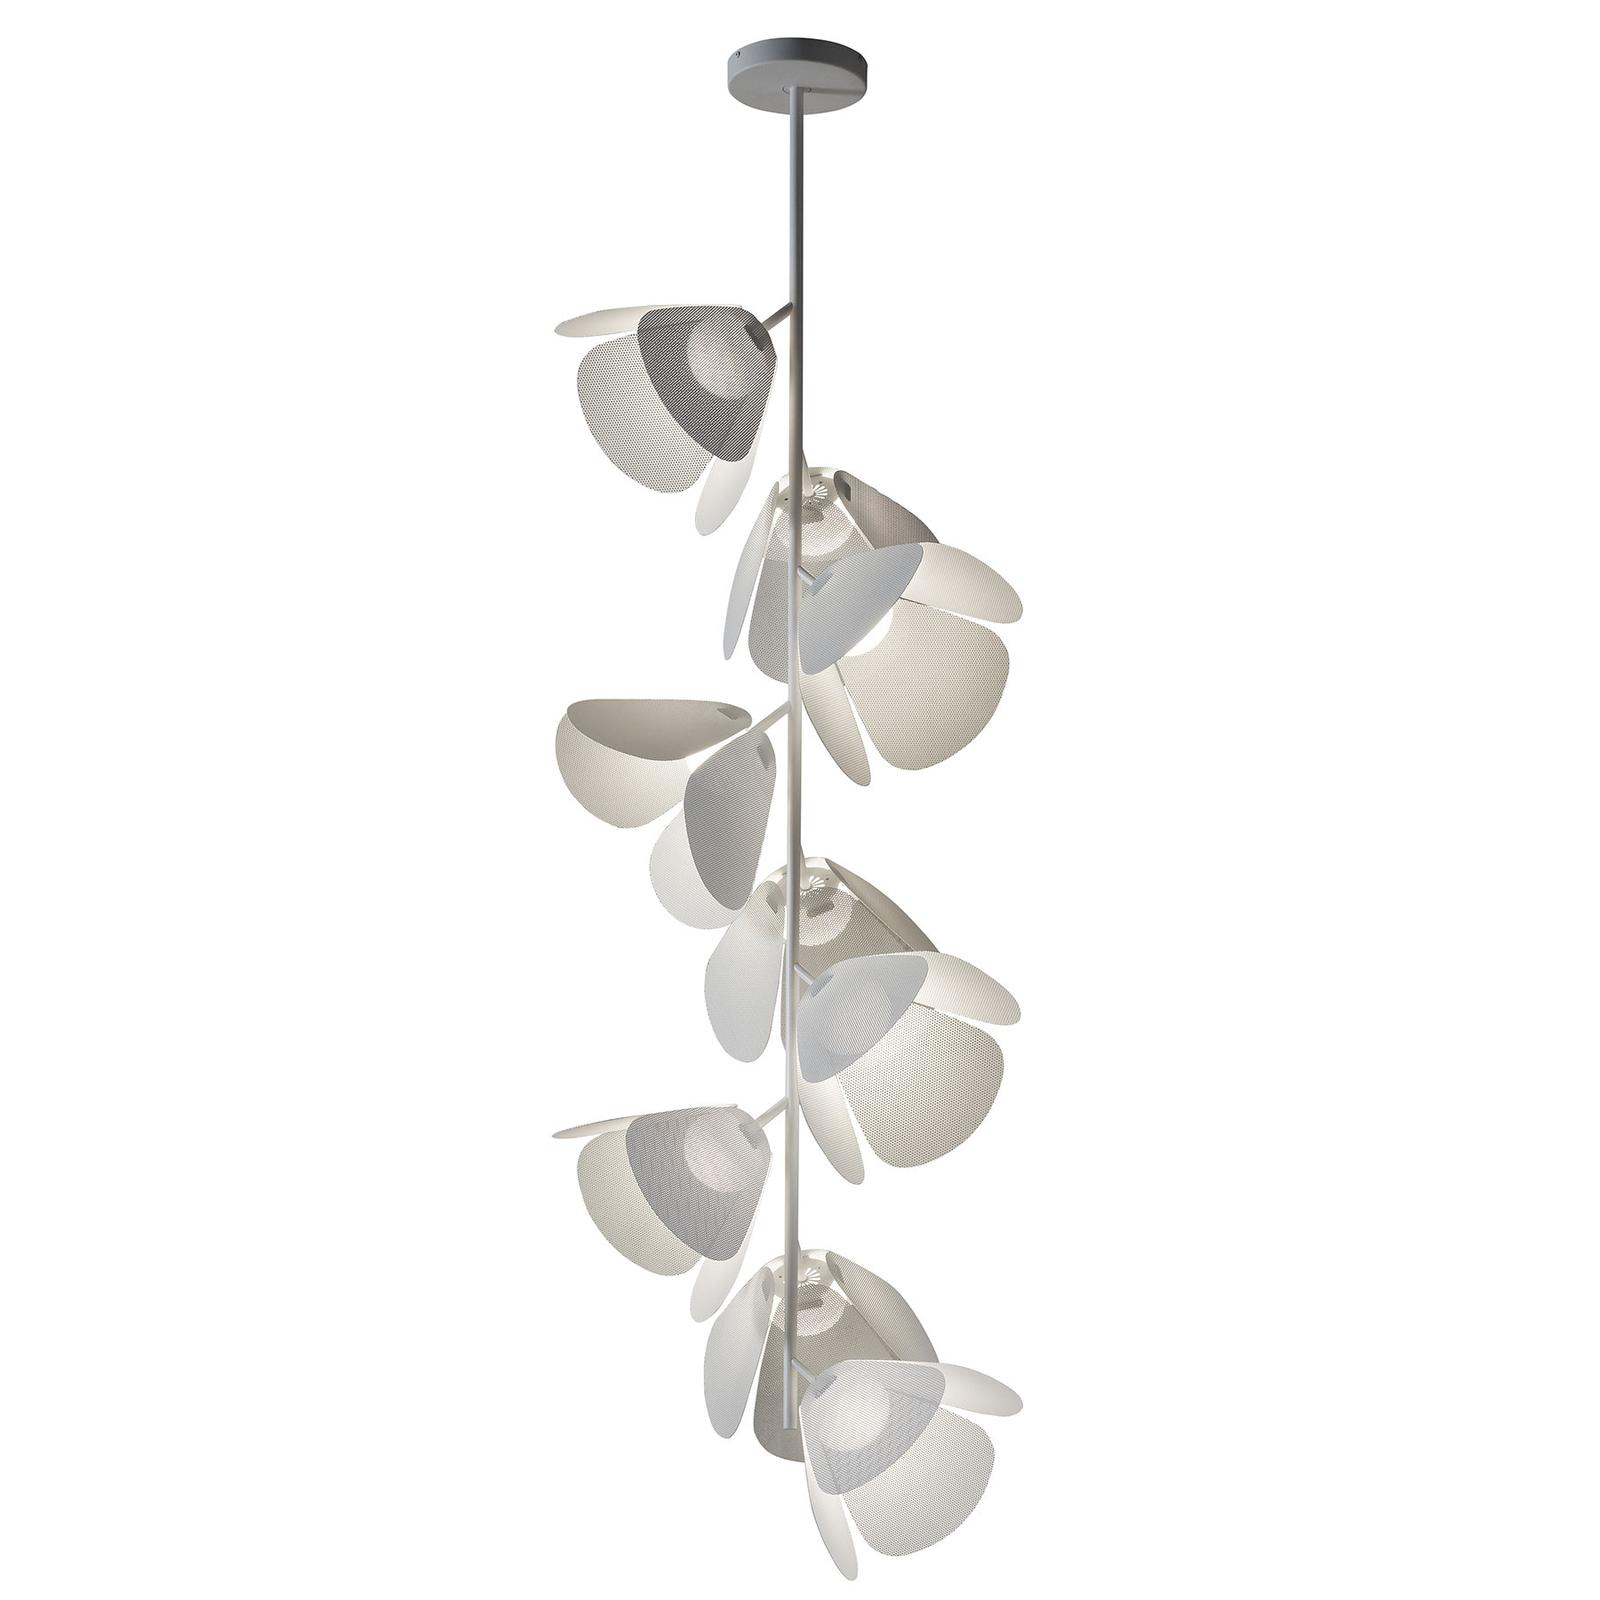 Bover Mod PF/73/9L LED-taklampe, hvit perforert